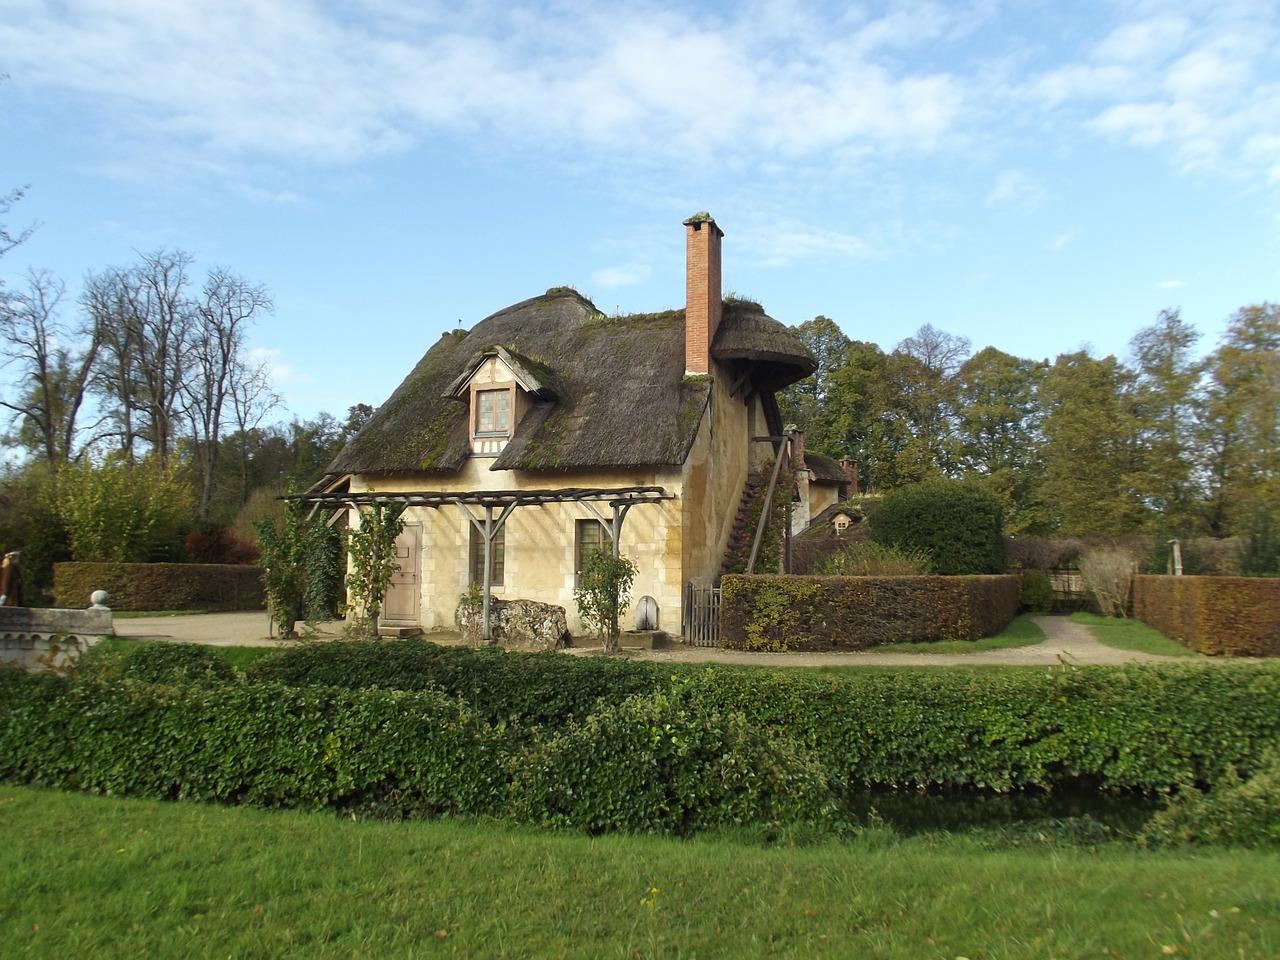 домик в деревне весной фото 20